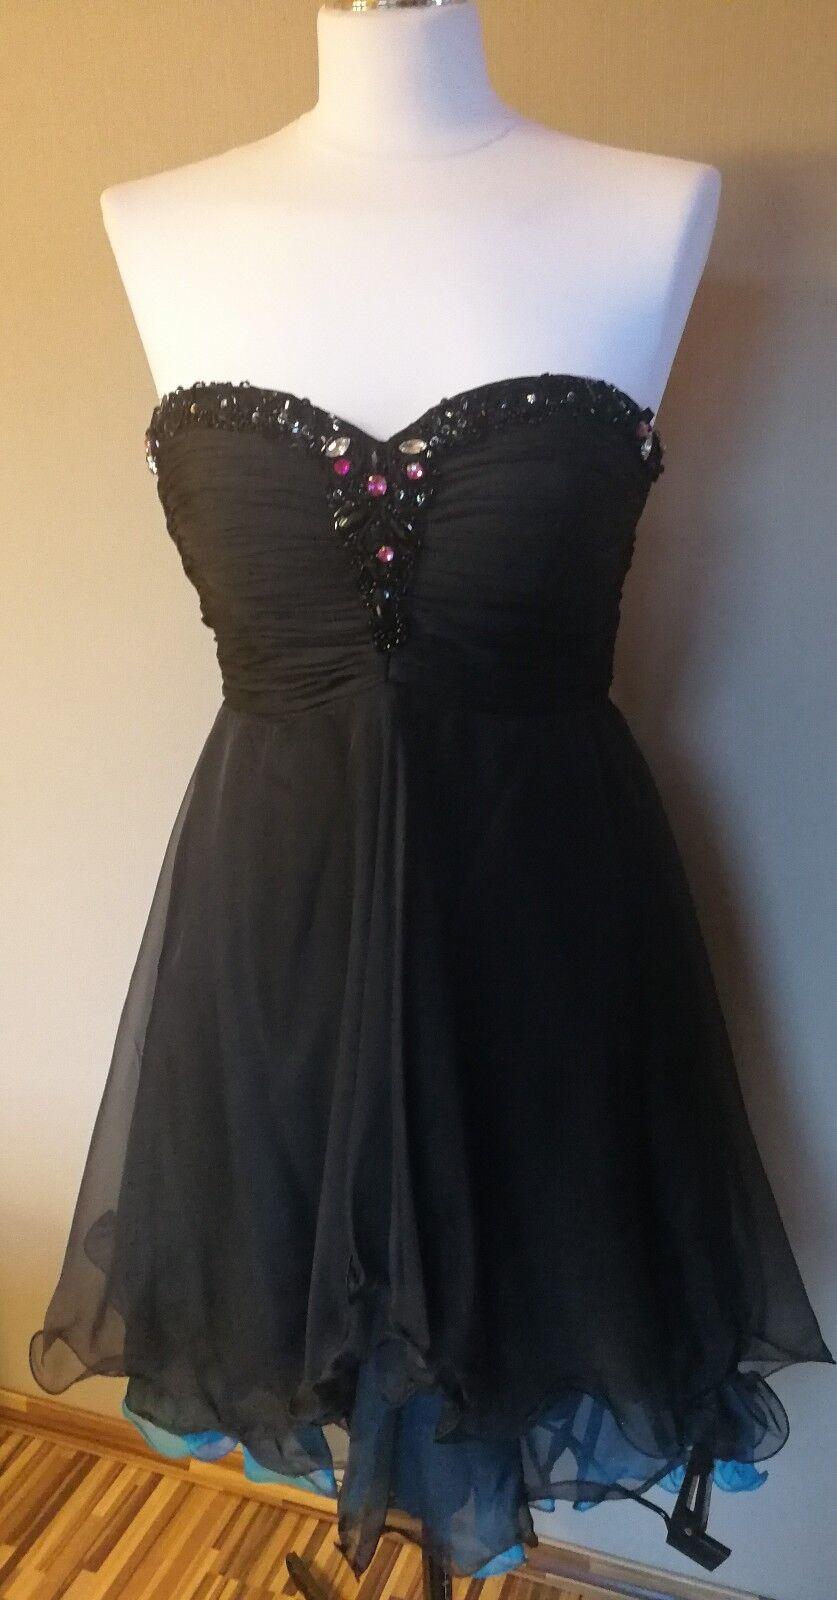 Juju & Christine Kleid Cocktailkleid Abendkleid schwarz Überwurf Gr.2 G. 36-38